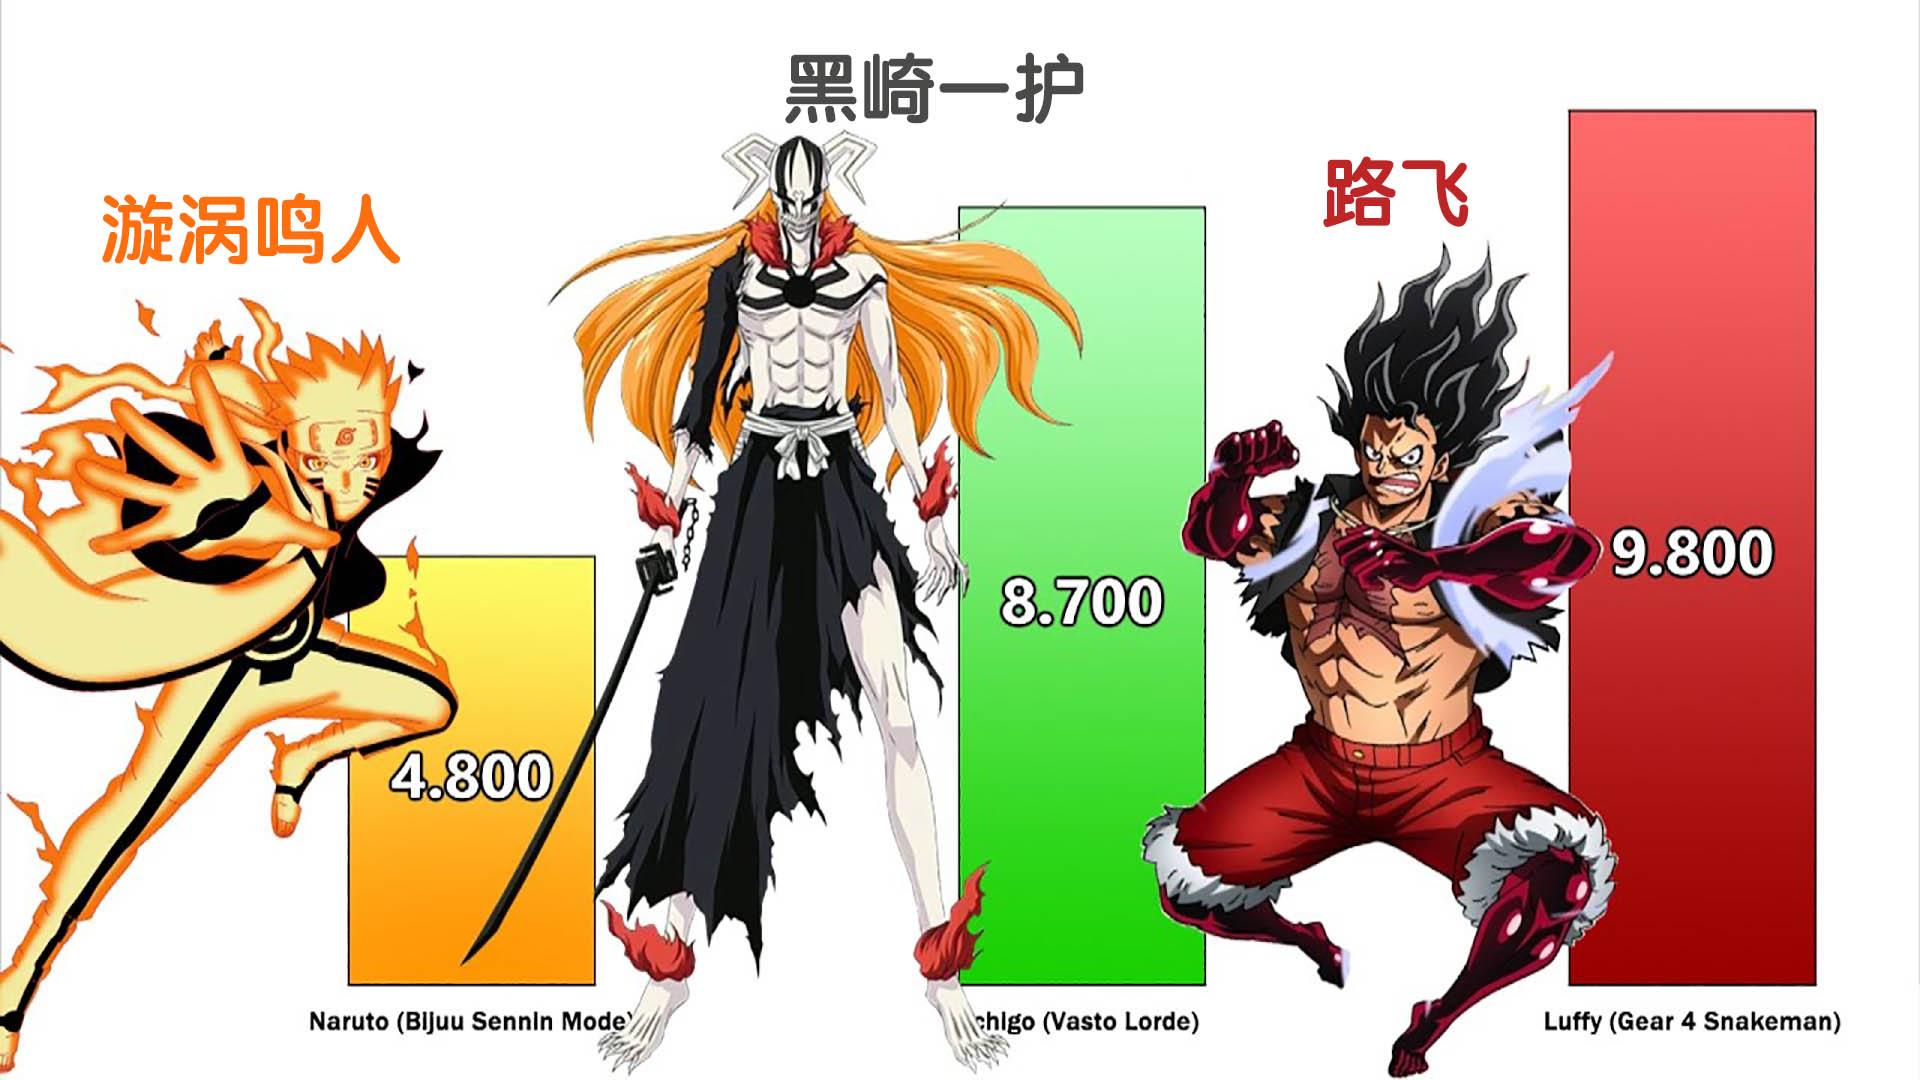 日漫三大主角:不同形态的战斗力对比!